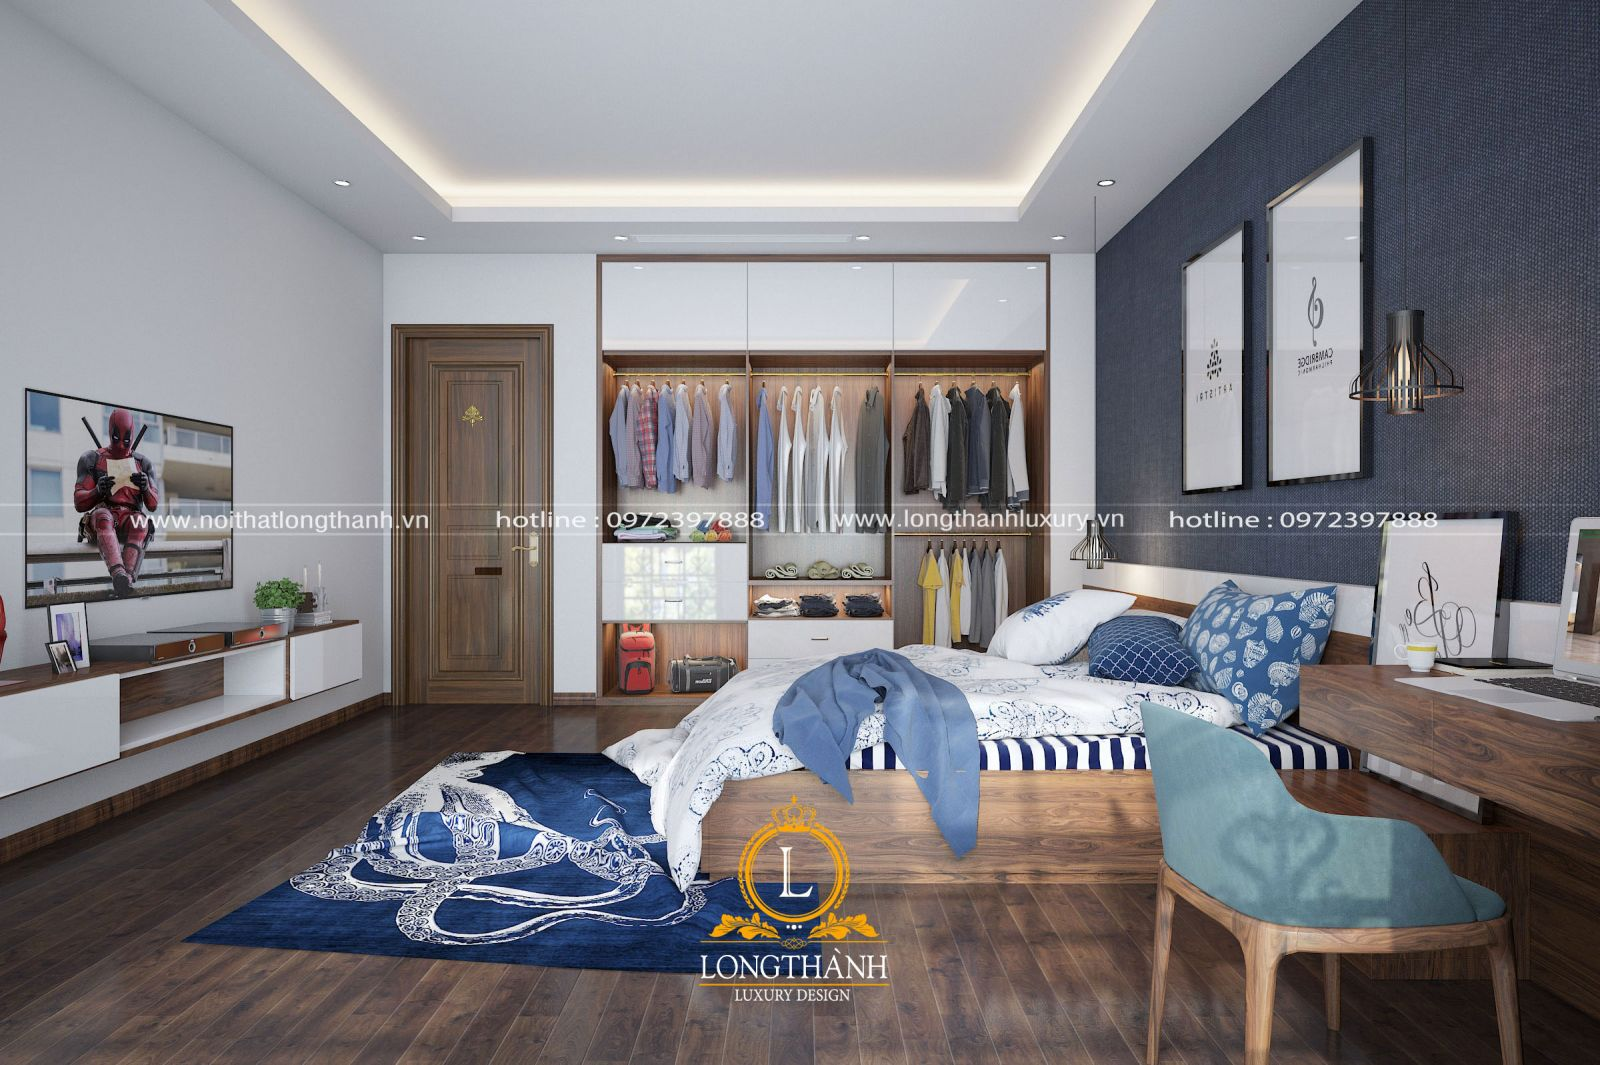 Phòng ngủ với màu xanh dương ấn tượng